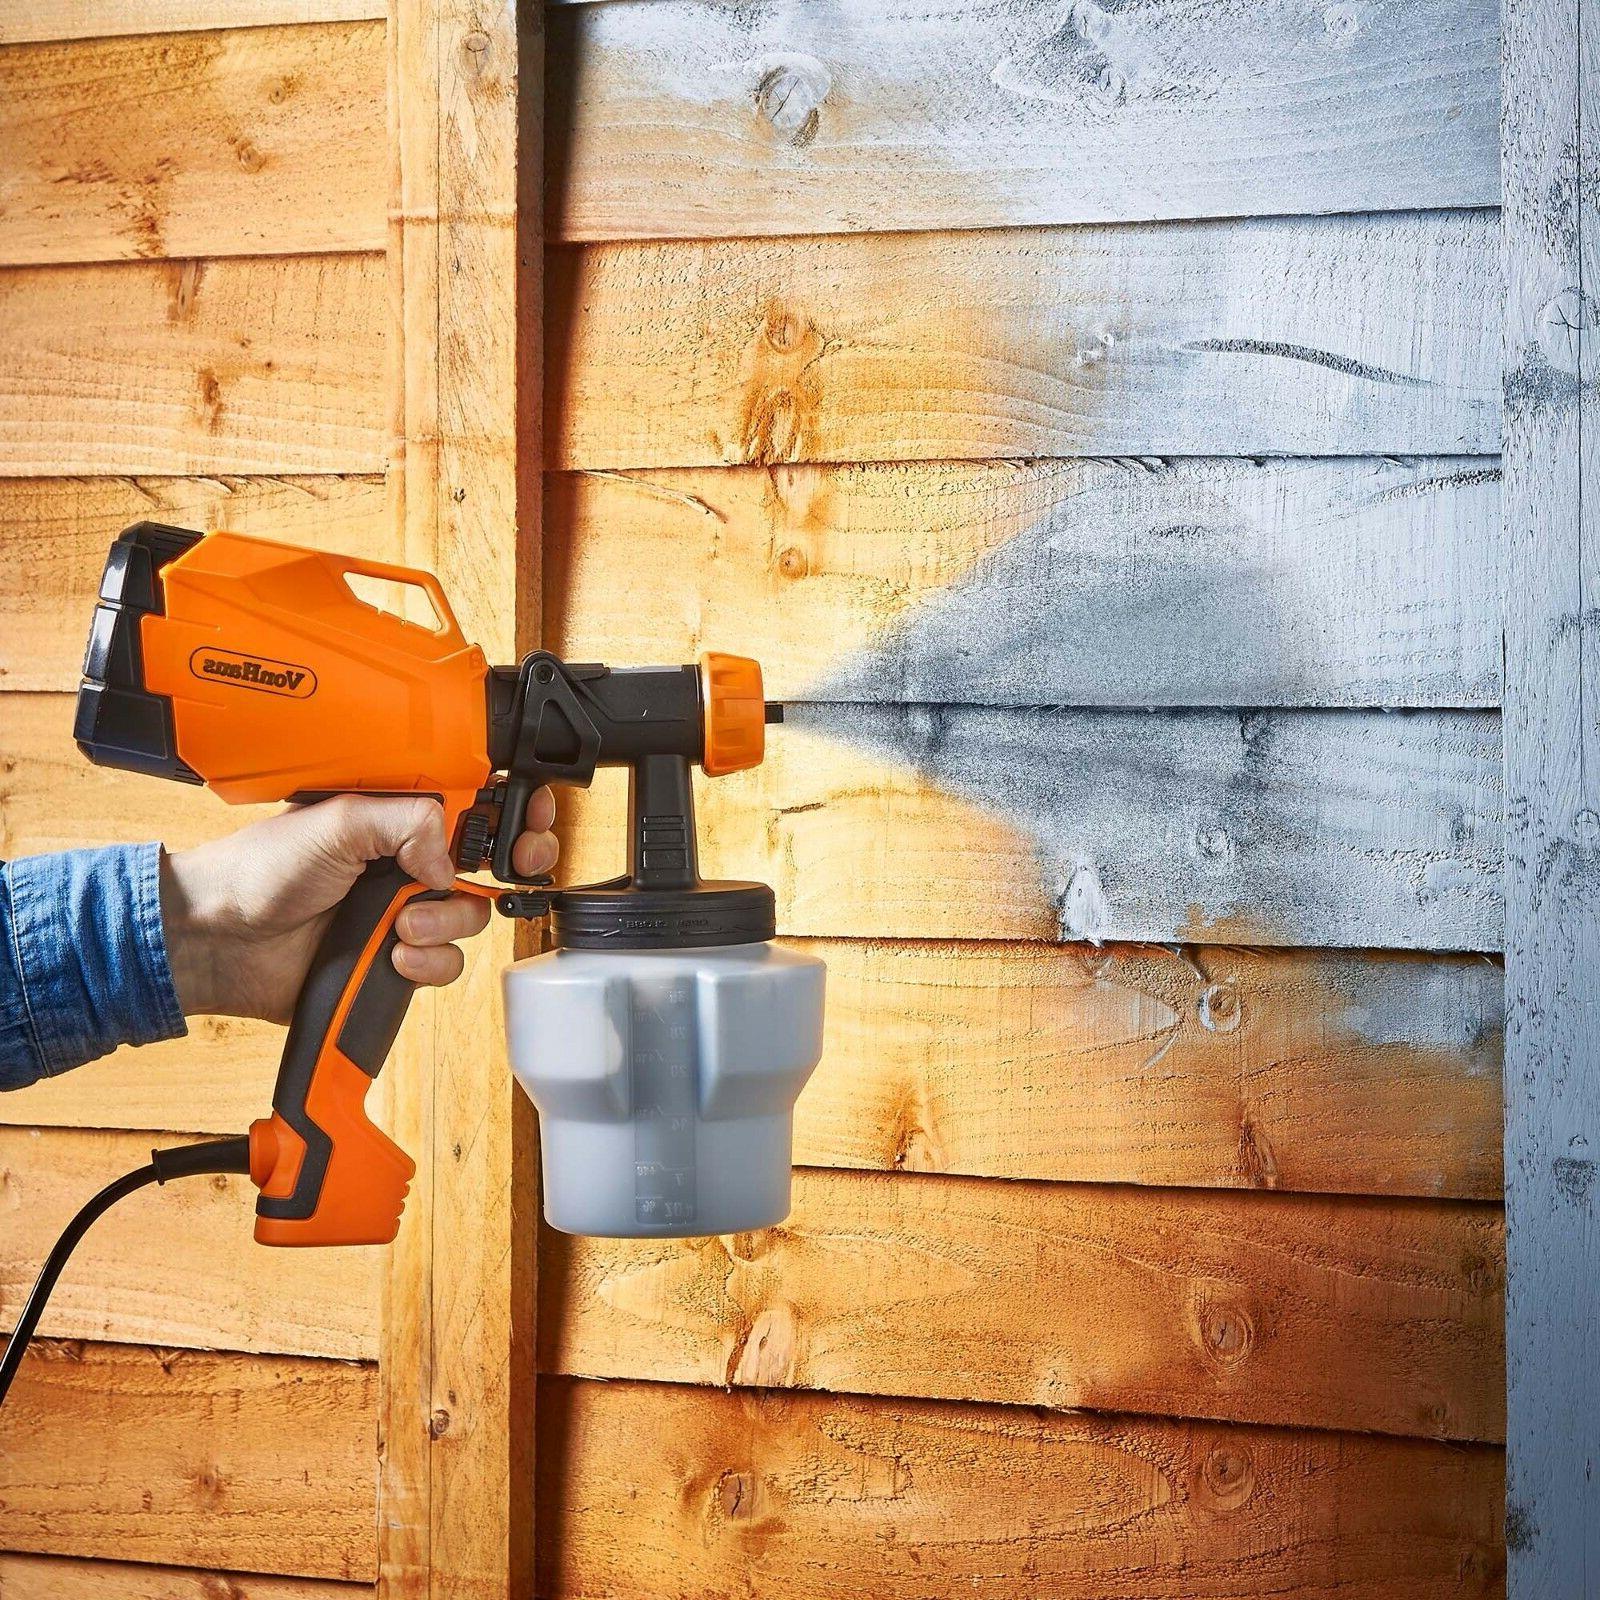 VonHaus Electric HVLP Paint Sprayer Gun Spray & Home